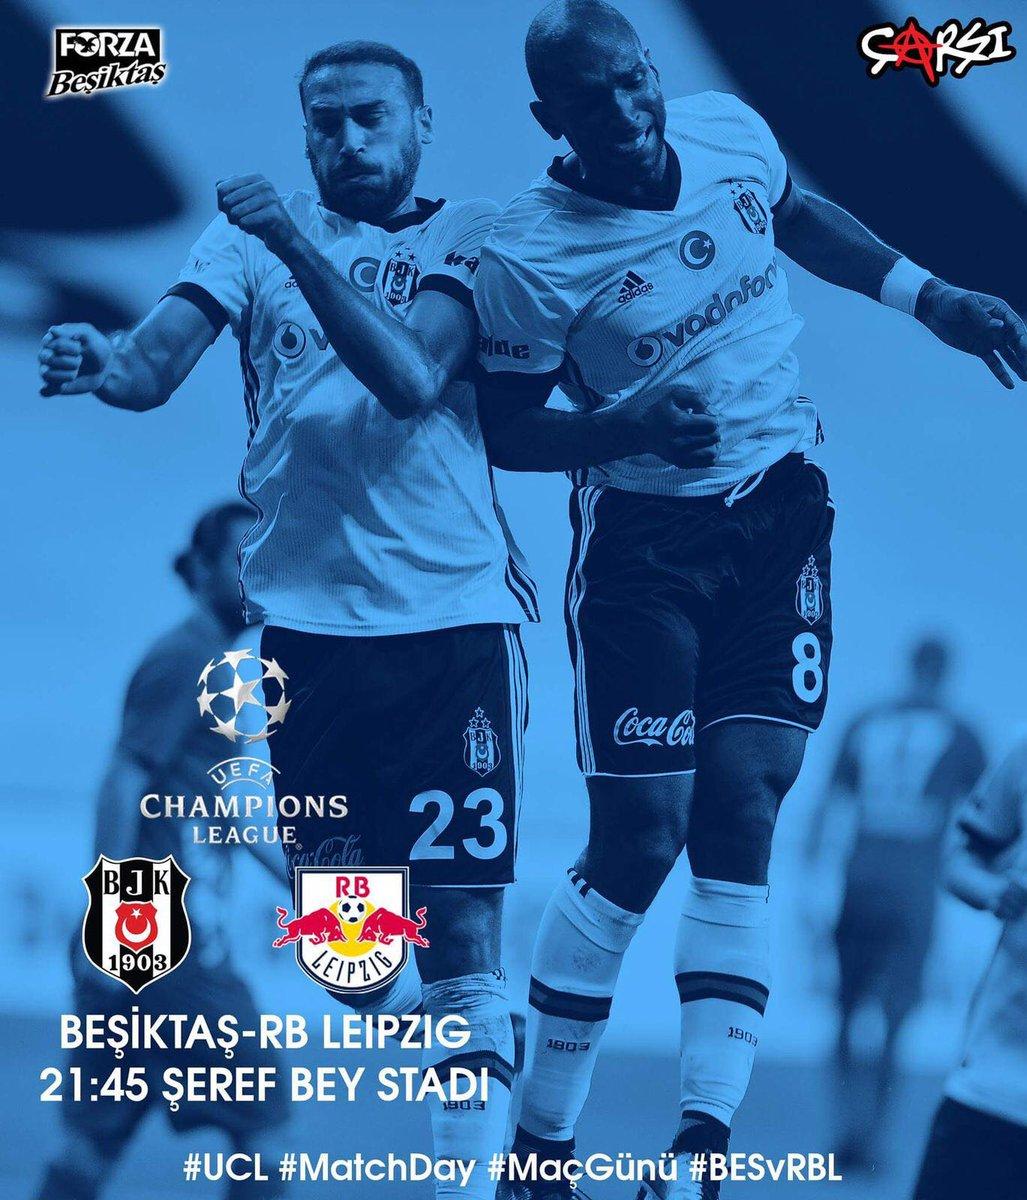 UEFA Şampiyonlar Ligi'nde rakip RB Leipzig  #ZafereKanatlan  #Beşiktaş...